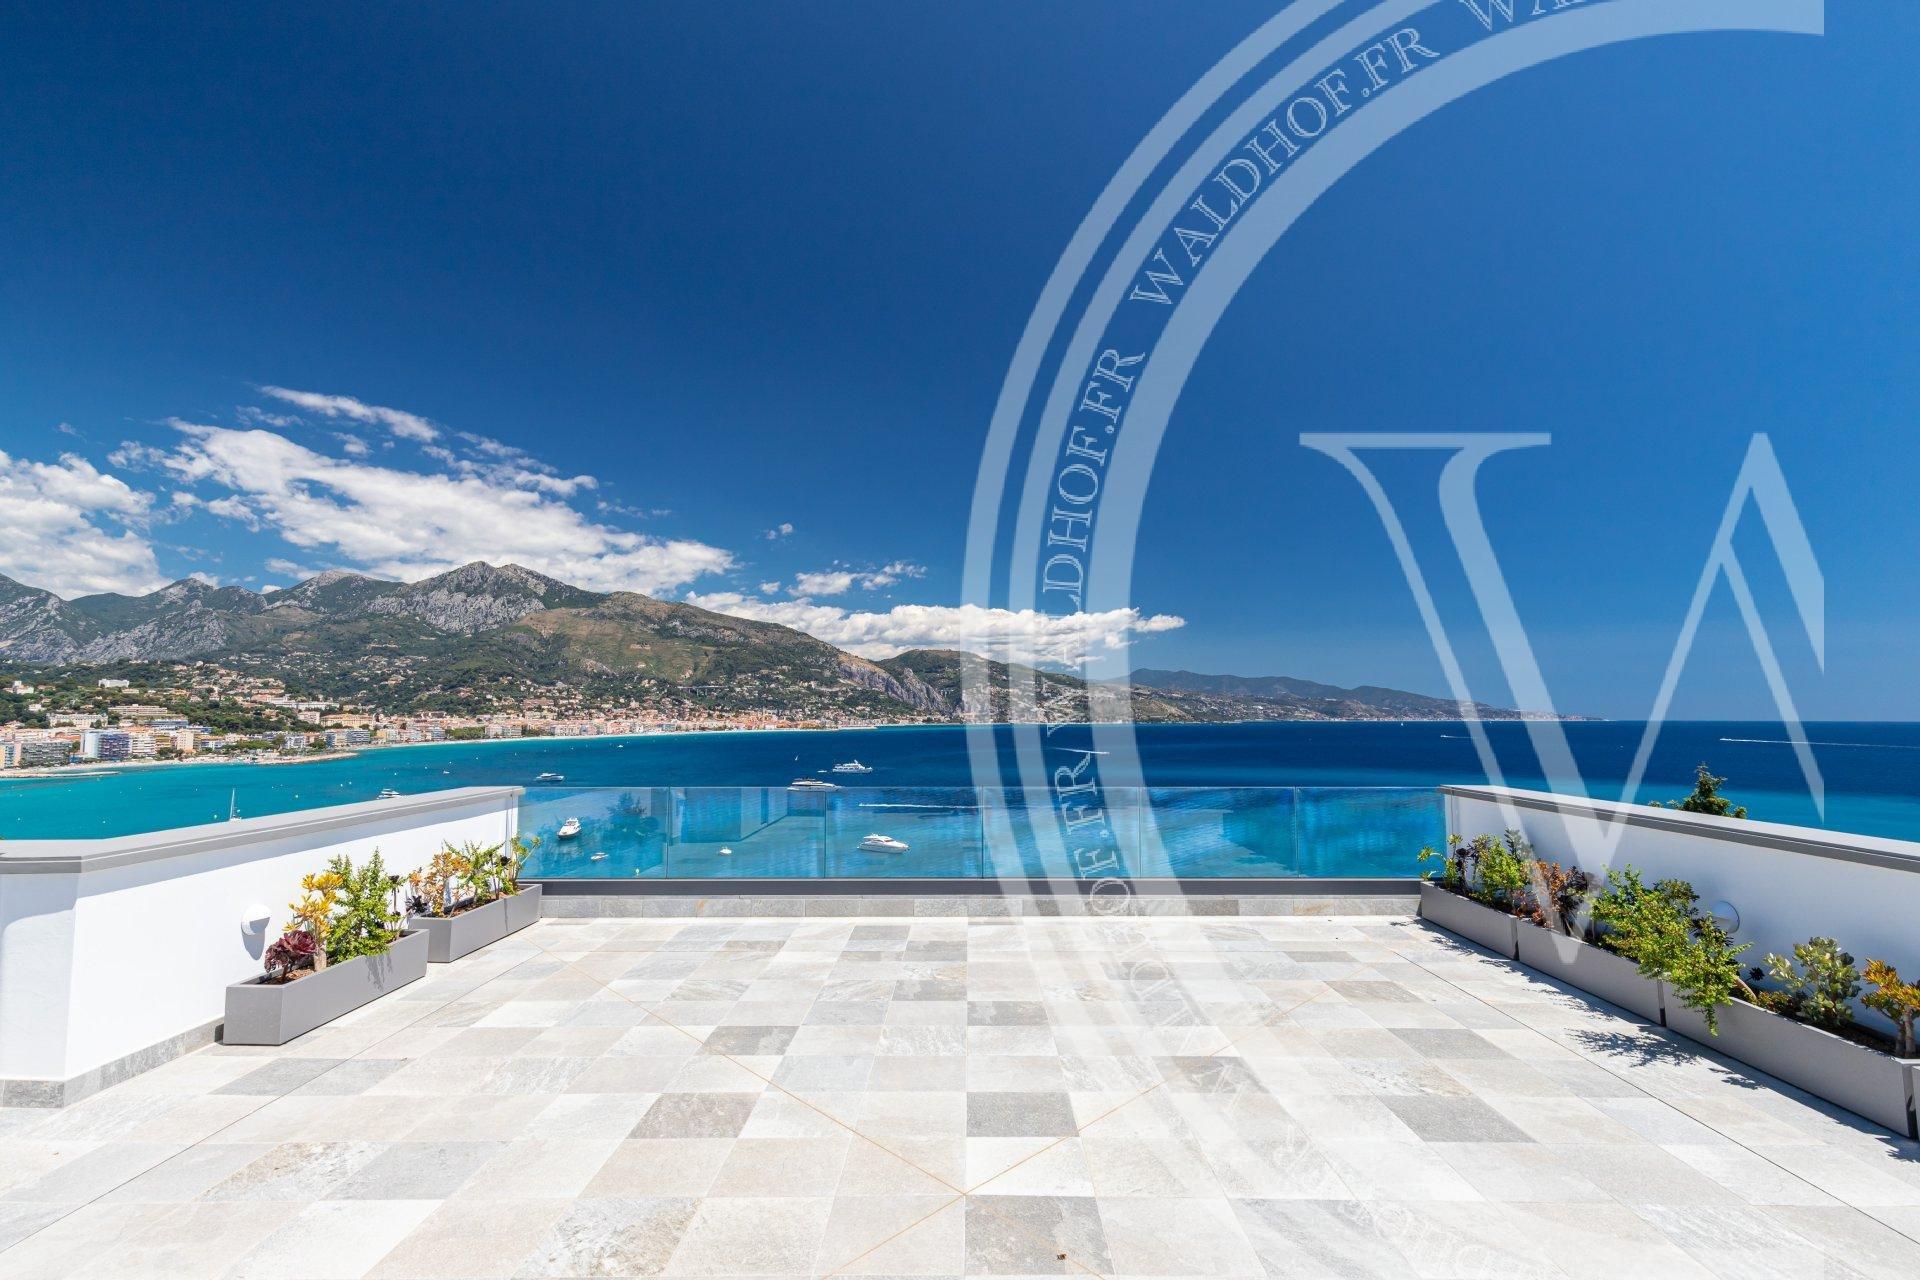 Vente Villa - Roquebrune-Cap-Martin